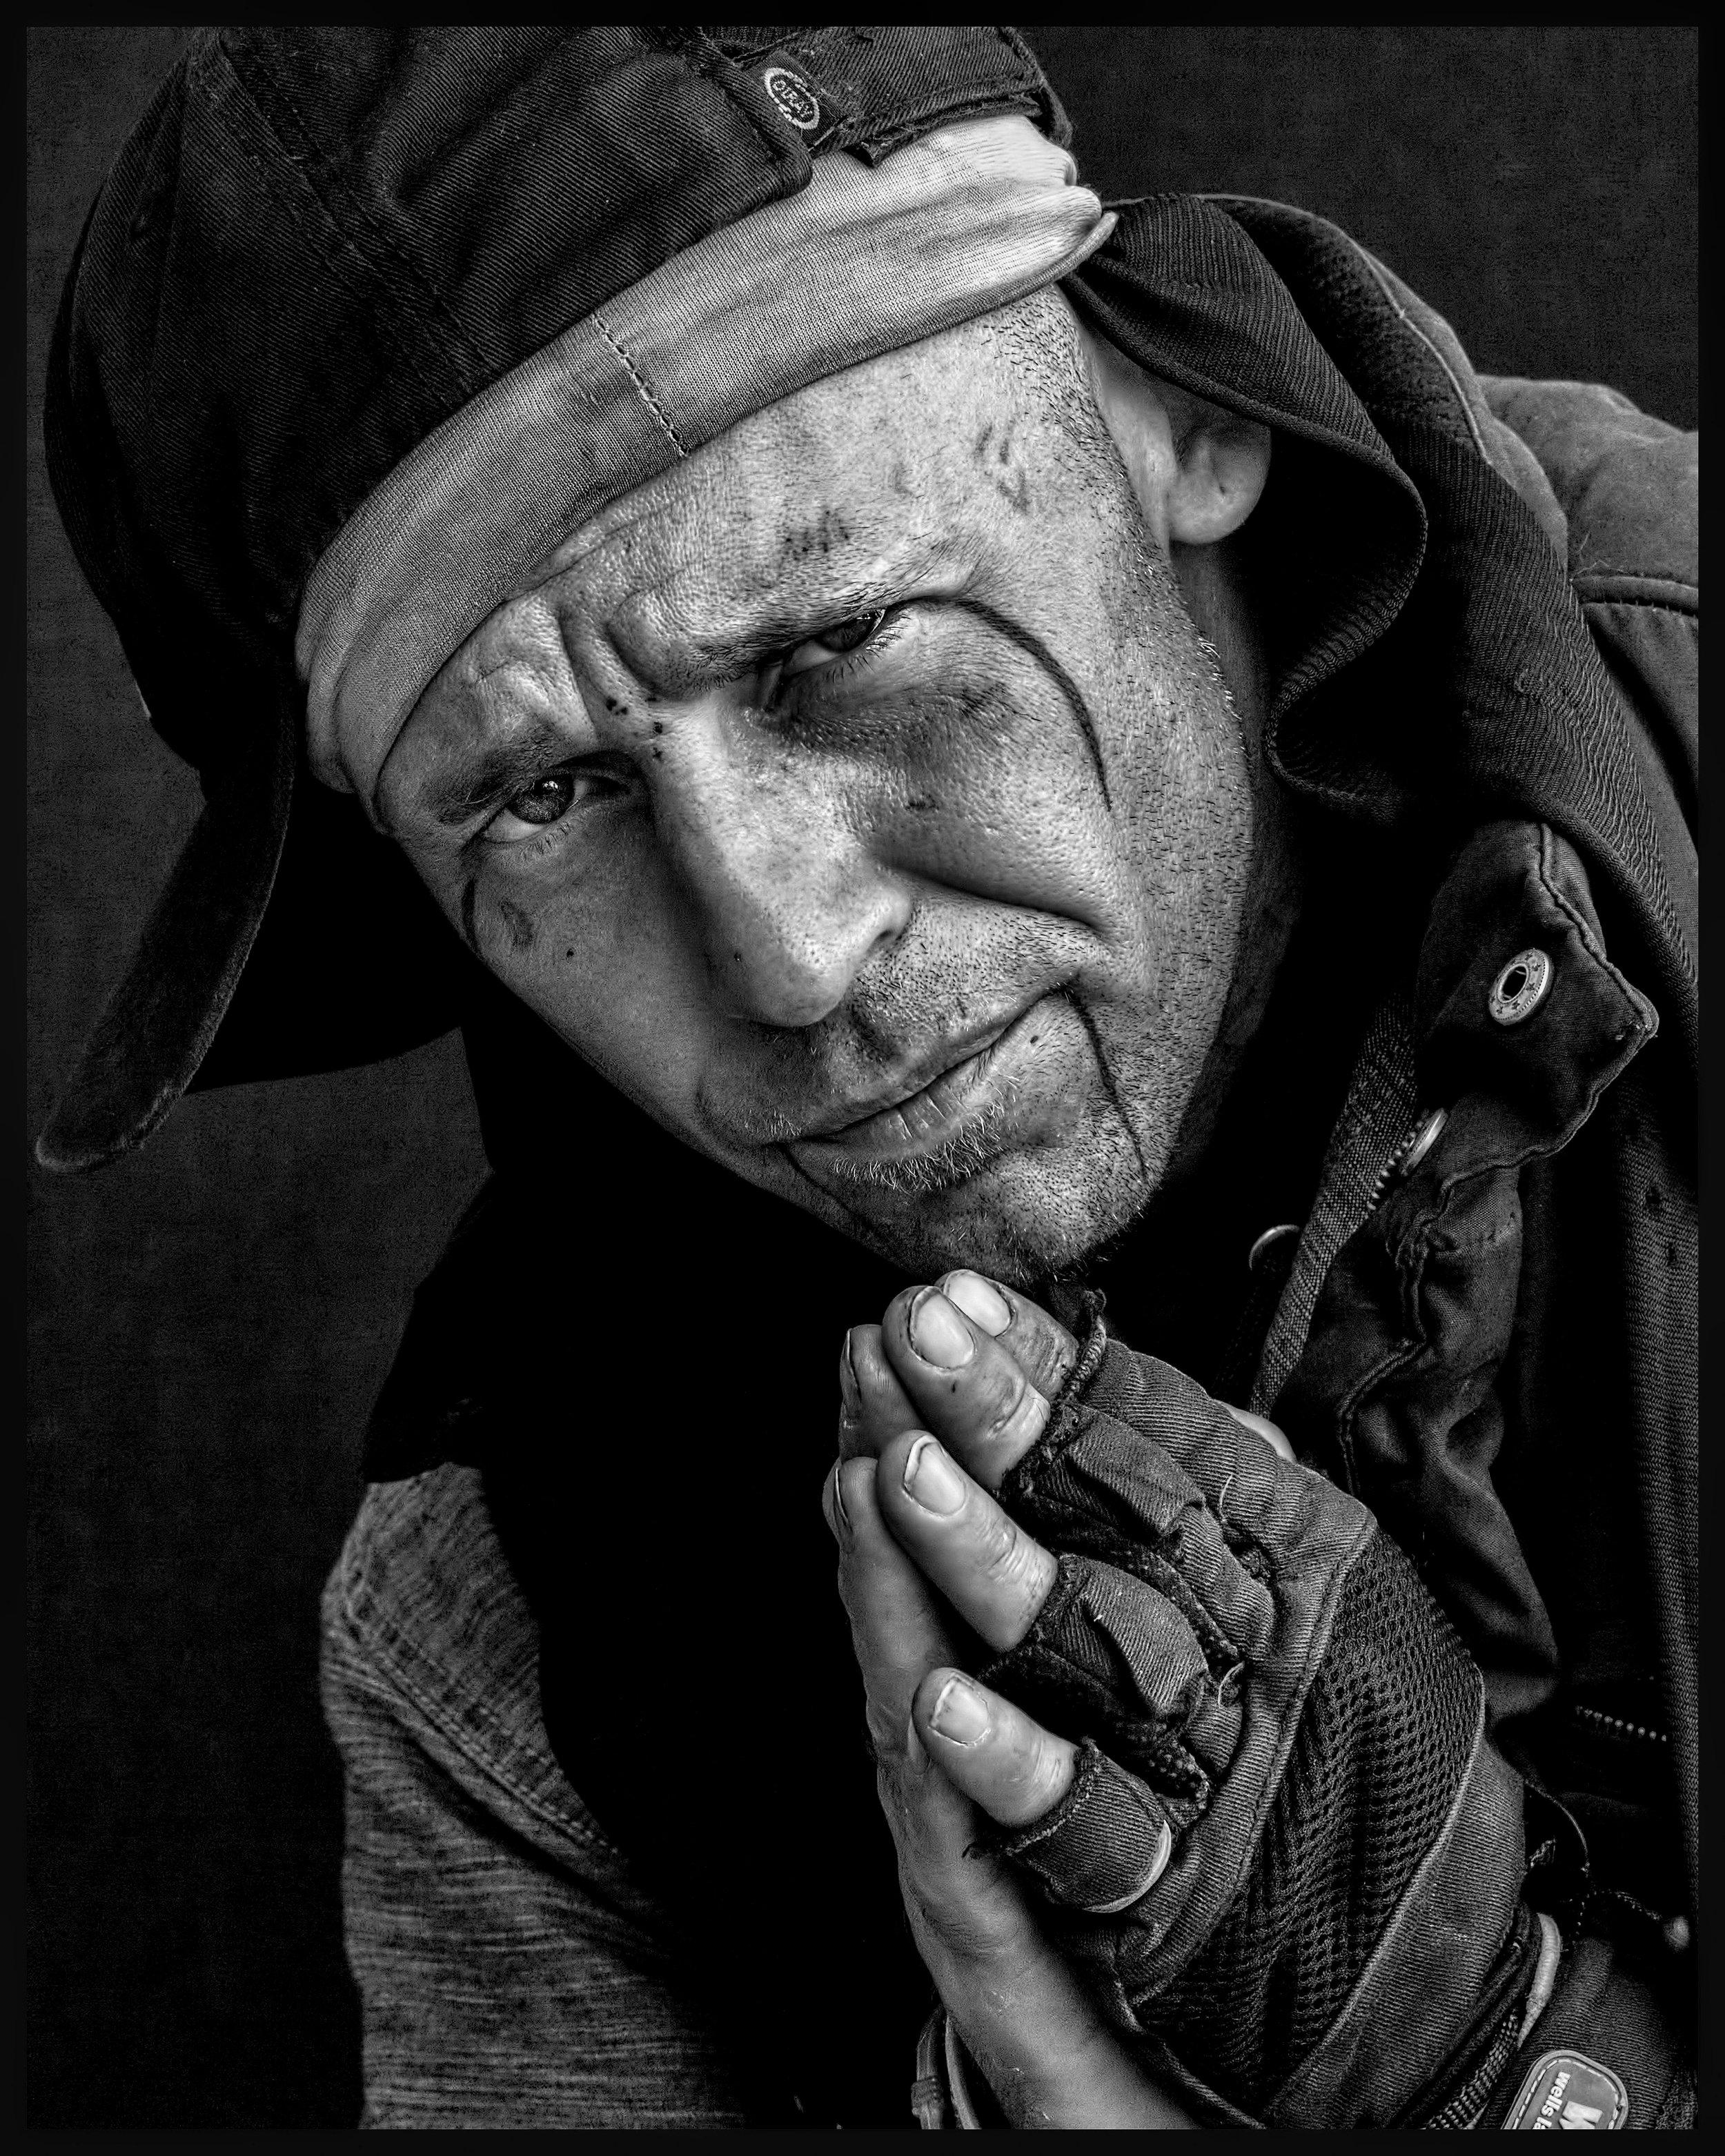 homeless-850086.jpg